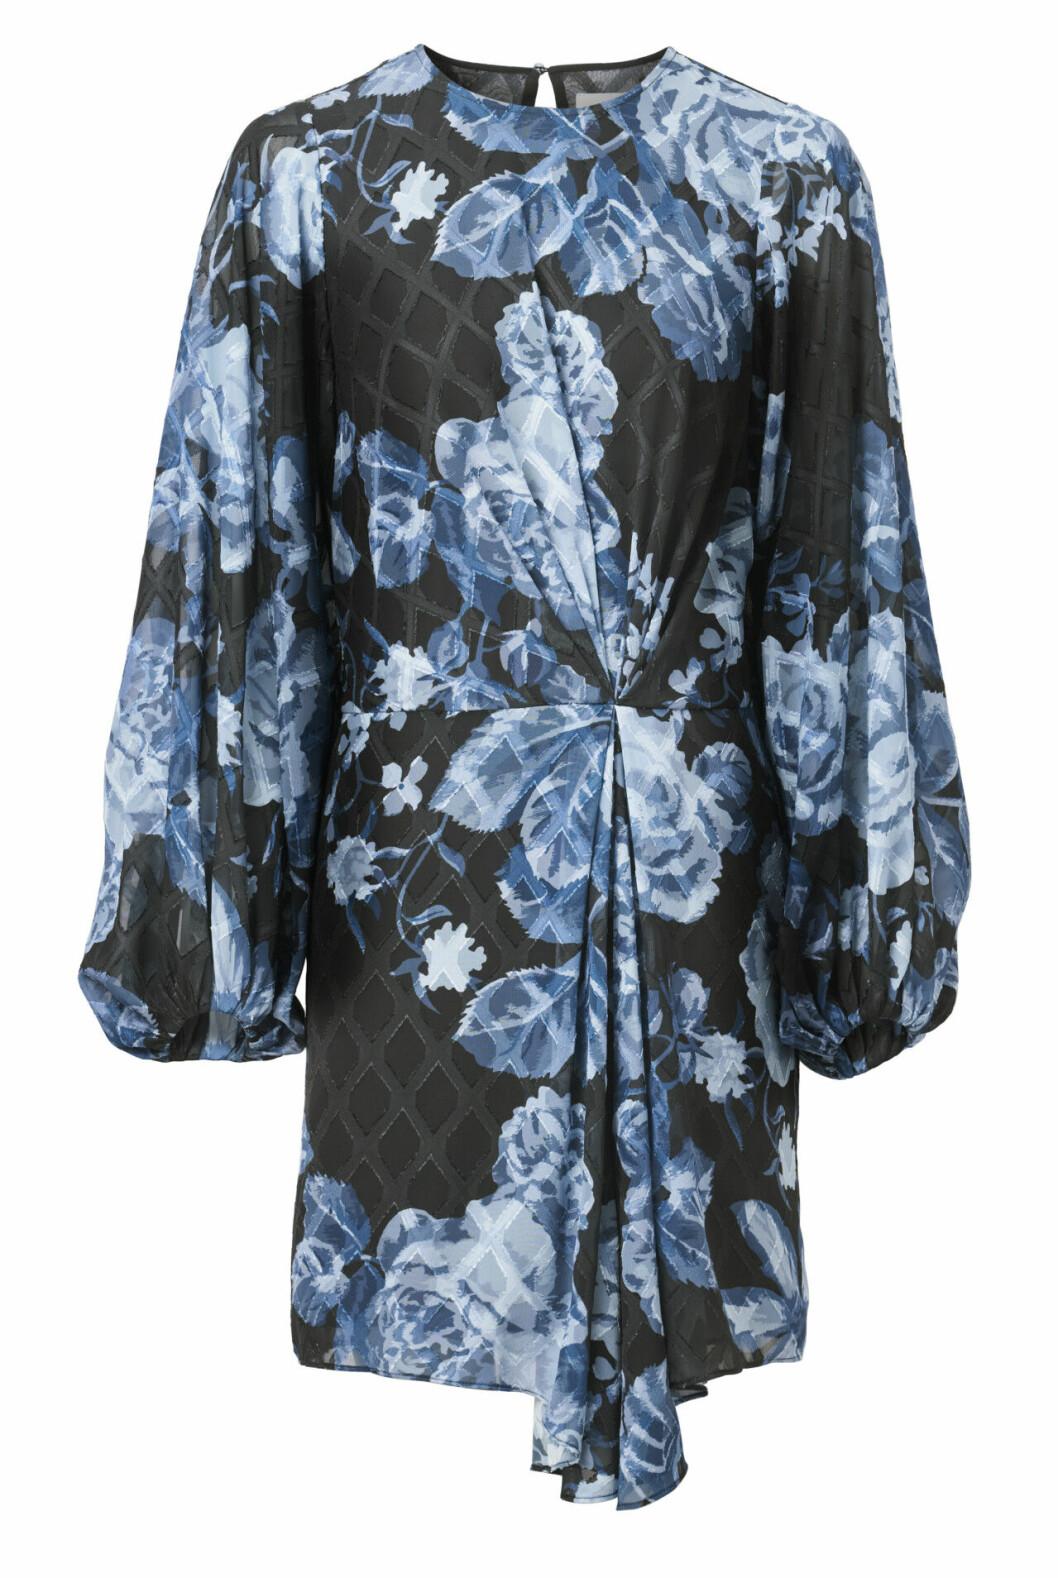 H&M Conscious Exclusive AW19 –blommig blå klänning